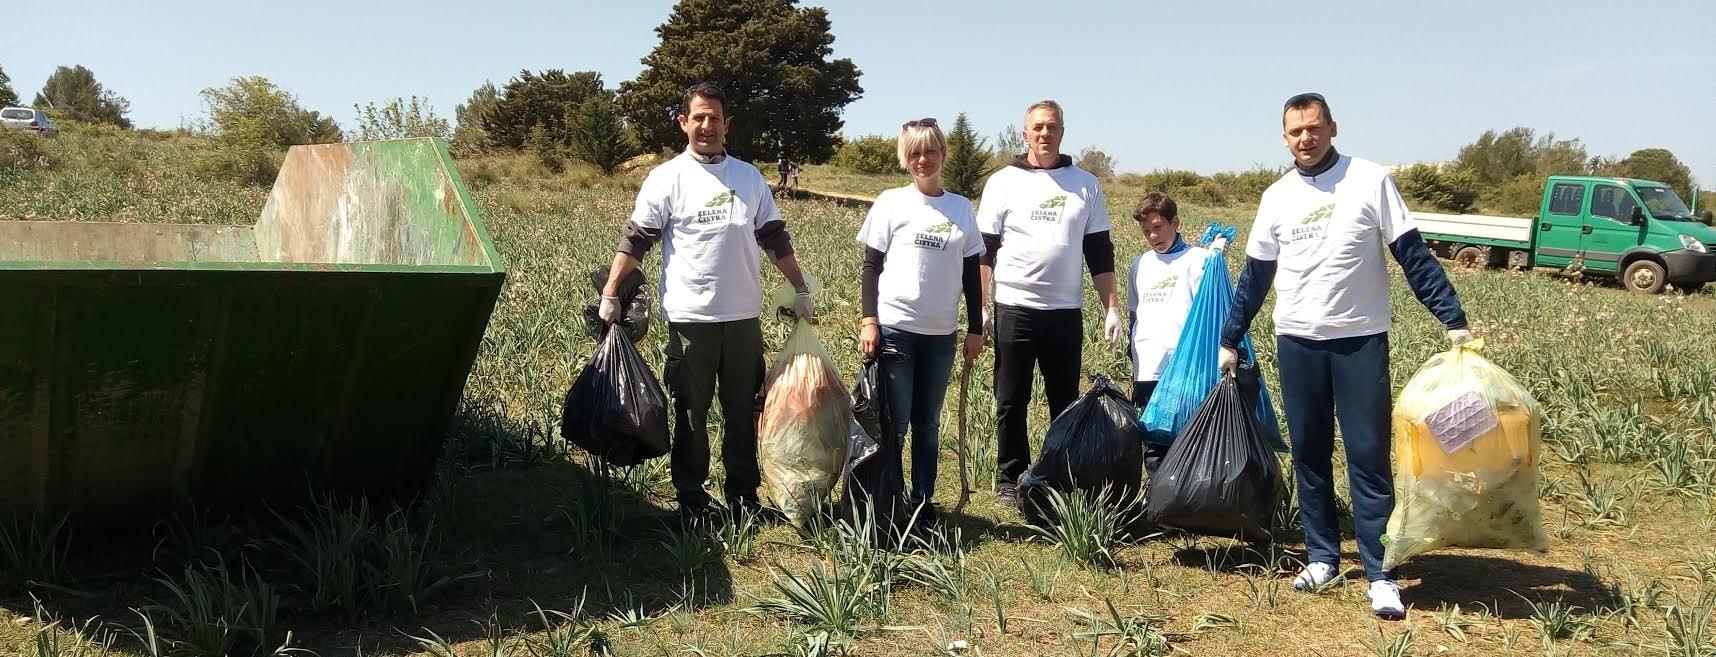 MODES Ivica Vlakić i Rudolf Dvorski sudjelovali u akciji čišćenja okoliša